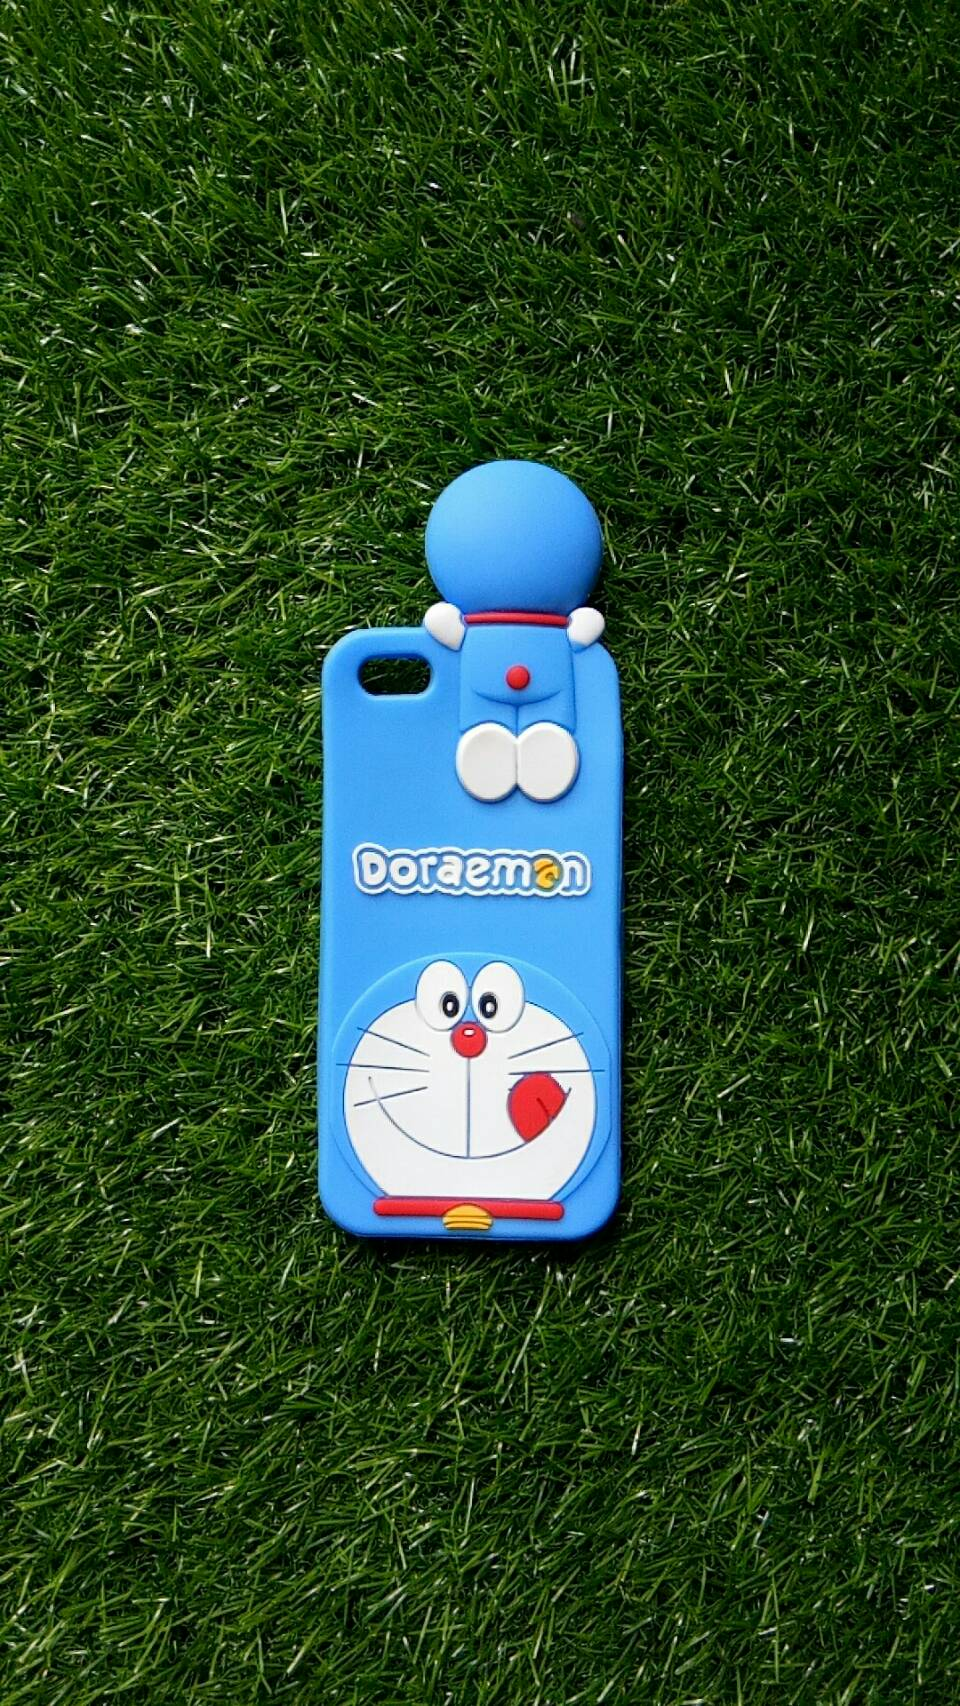 ซิลิโคนแมวสีฟ้าเกาะหลัง iphone5/5s/se